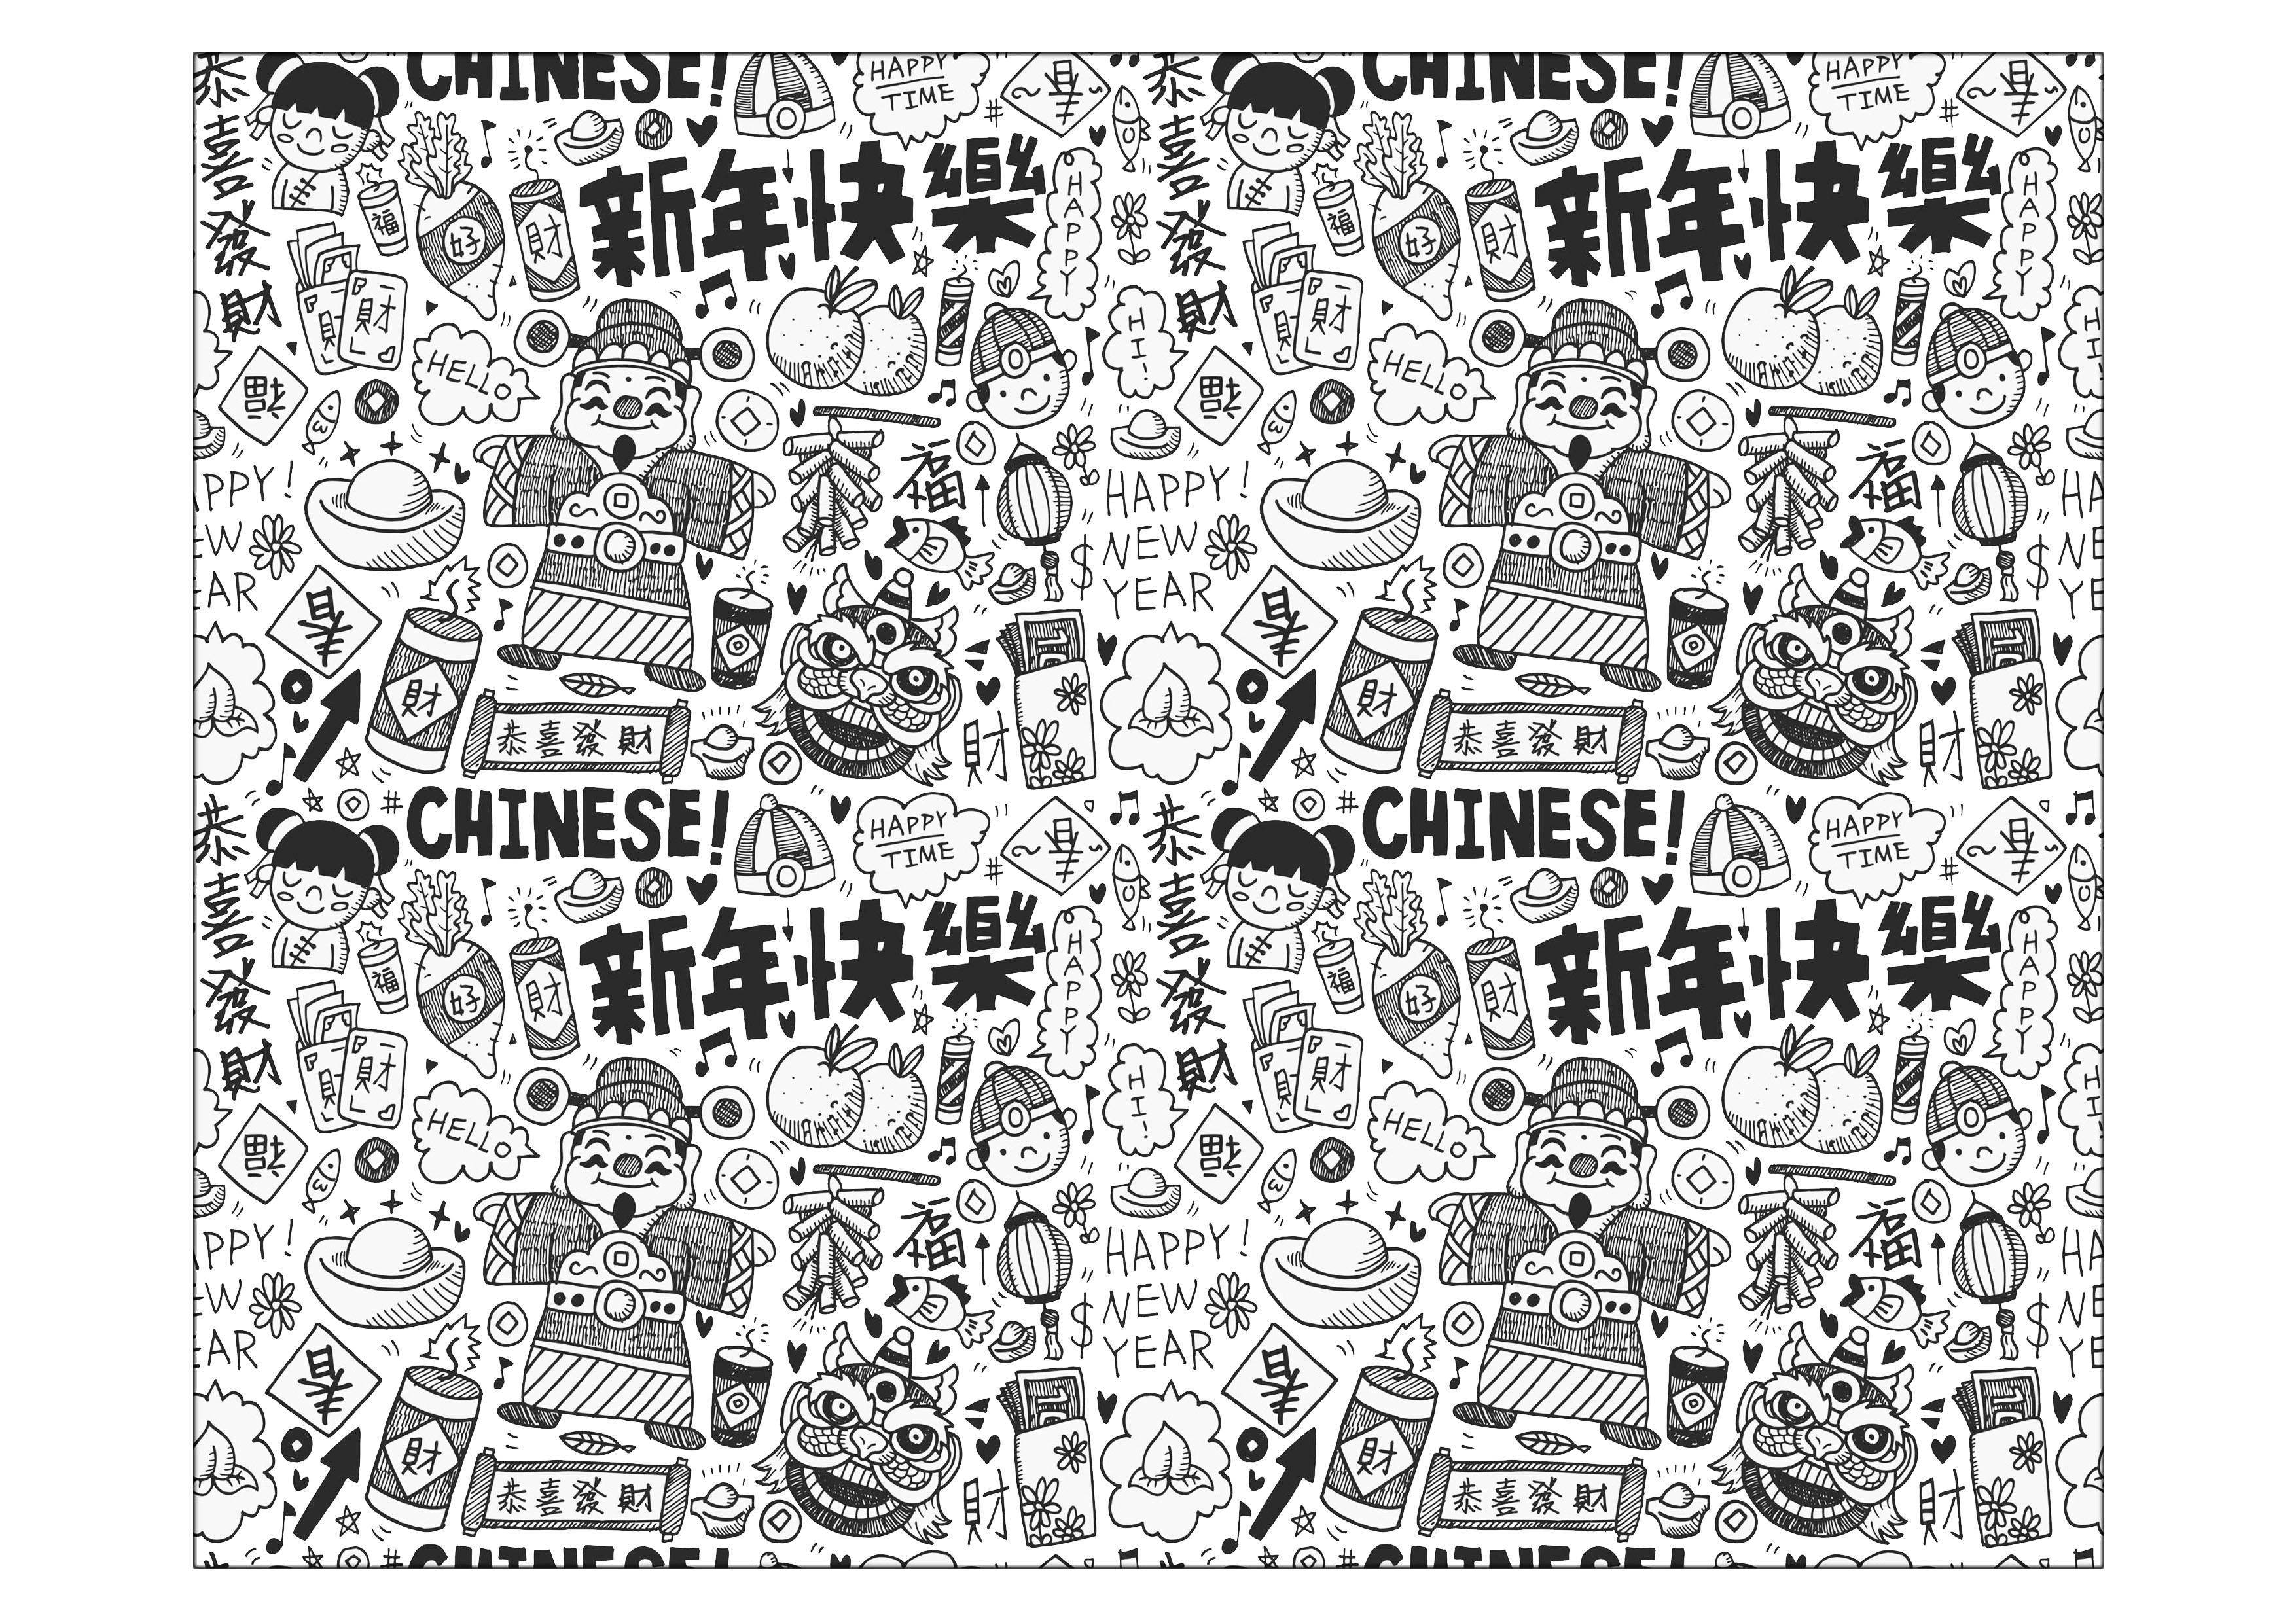 Notre doodle sur le thème de la Chine